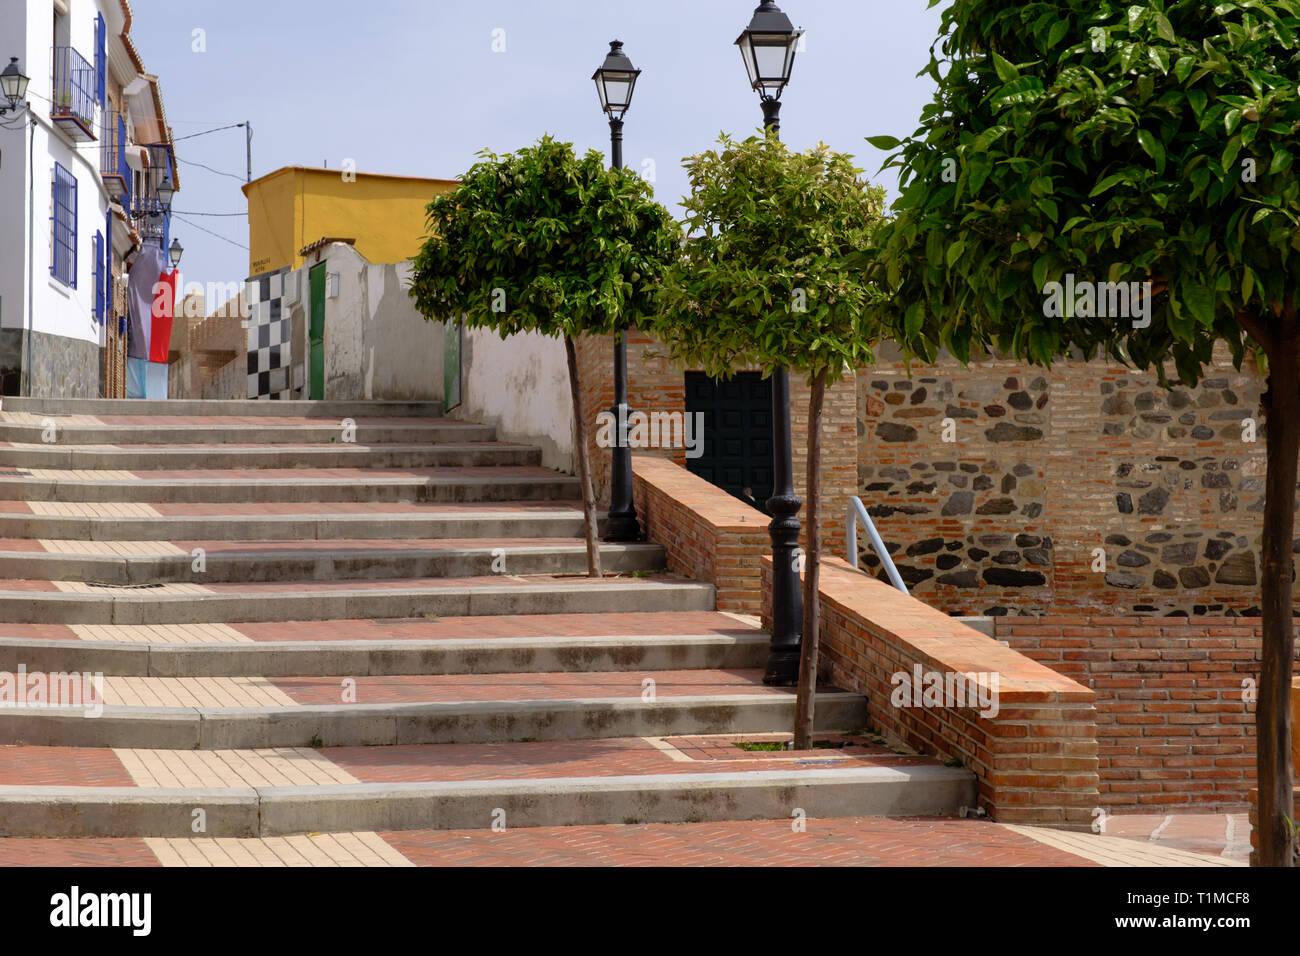 Escenas Callejeras y arquitectura en Vélez-Málaga, Axarquía, Málaga, Andalucía, Costa del Sol, España Foto de stock